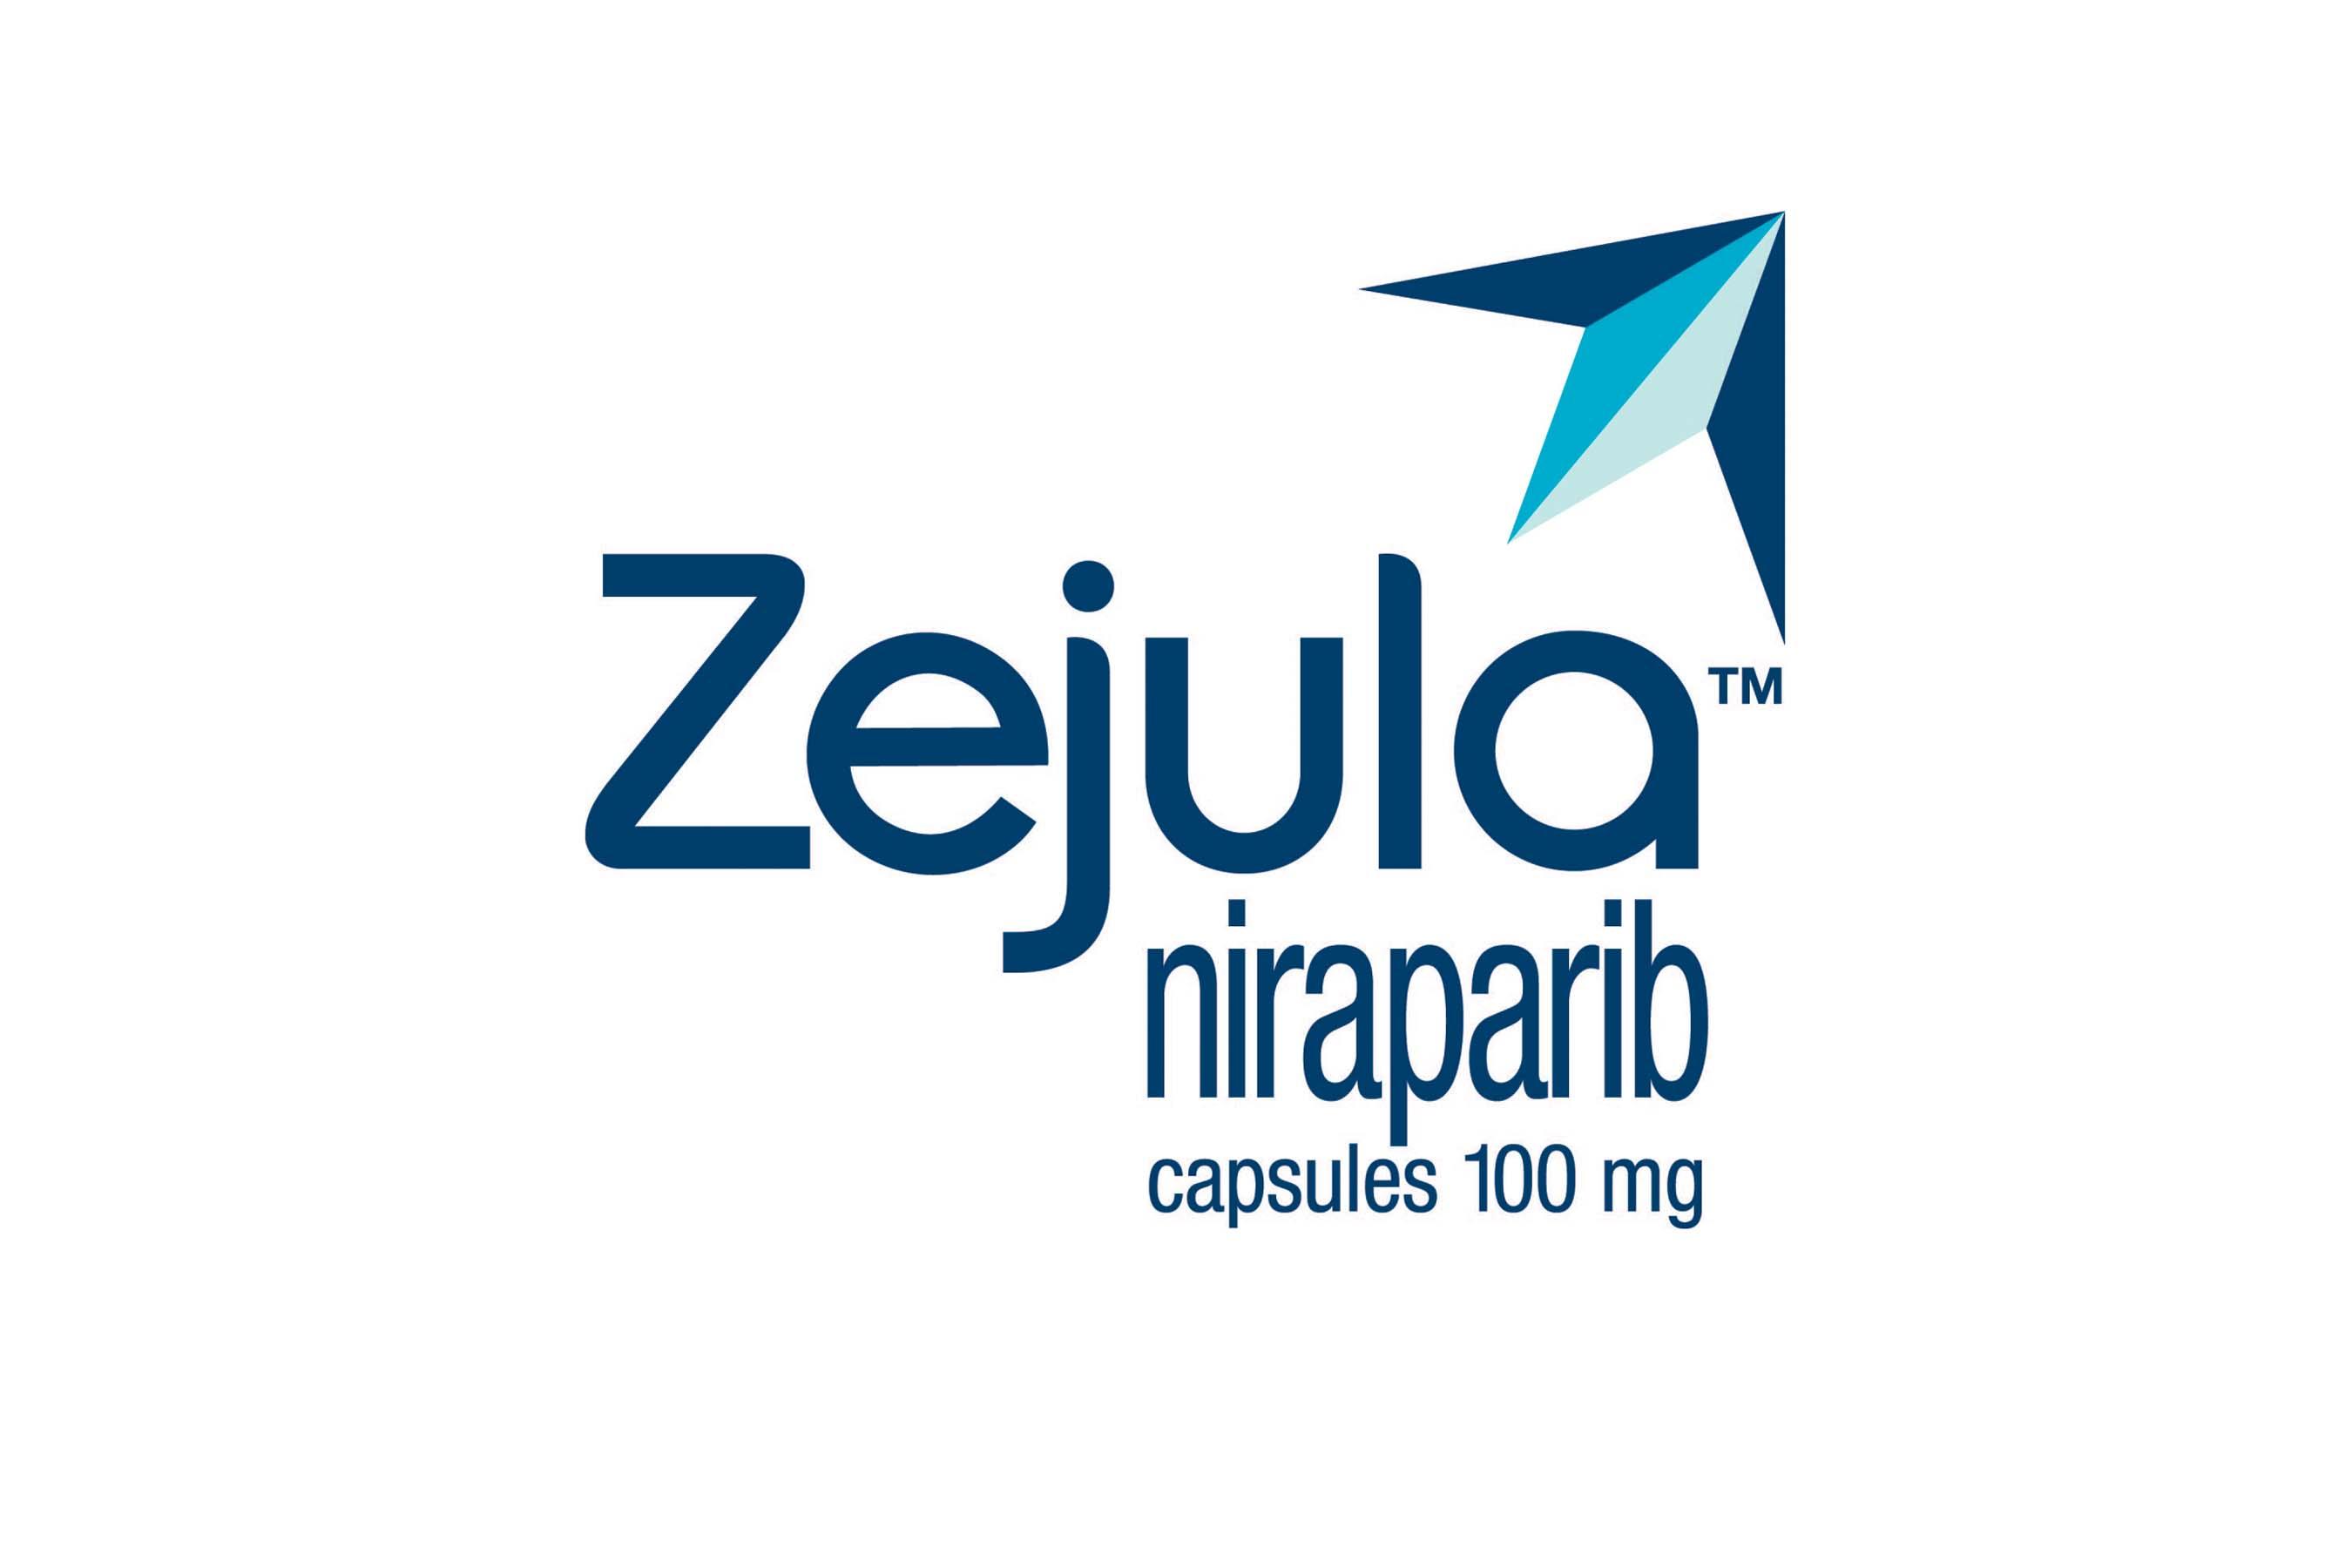 Tesaro Announces U S Fda Approval Of Zejula Niraparib